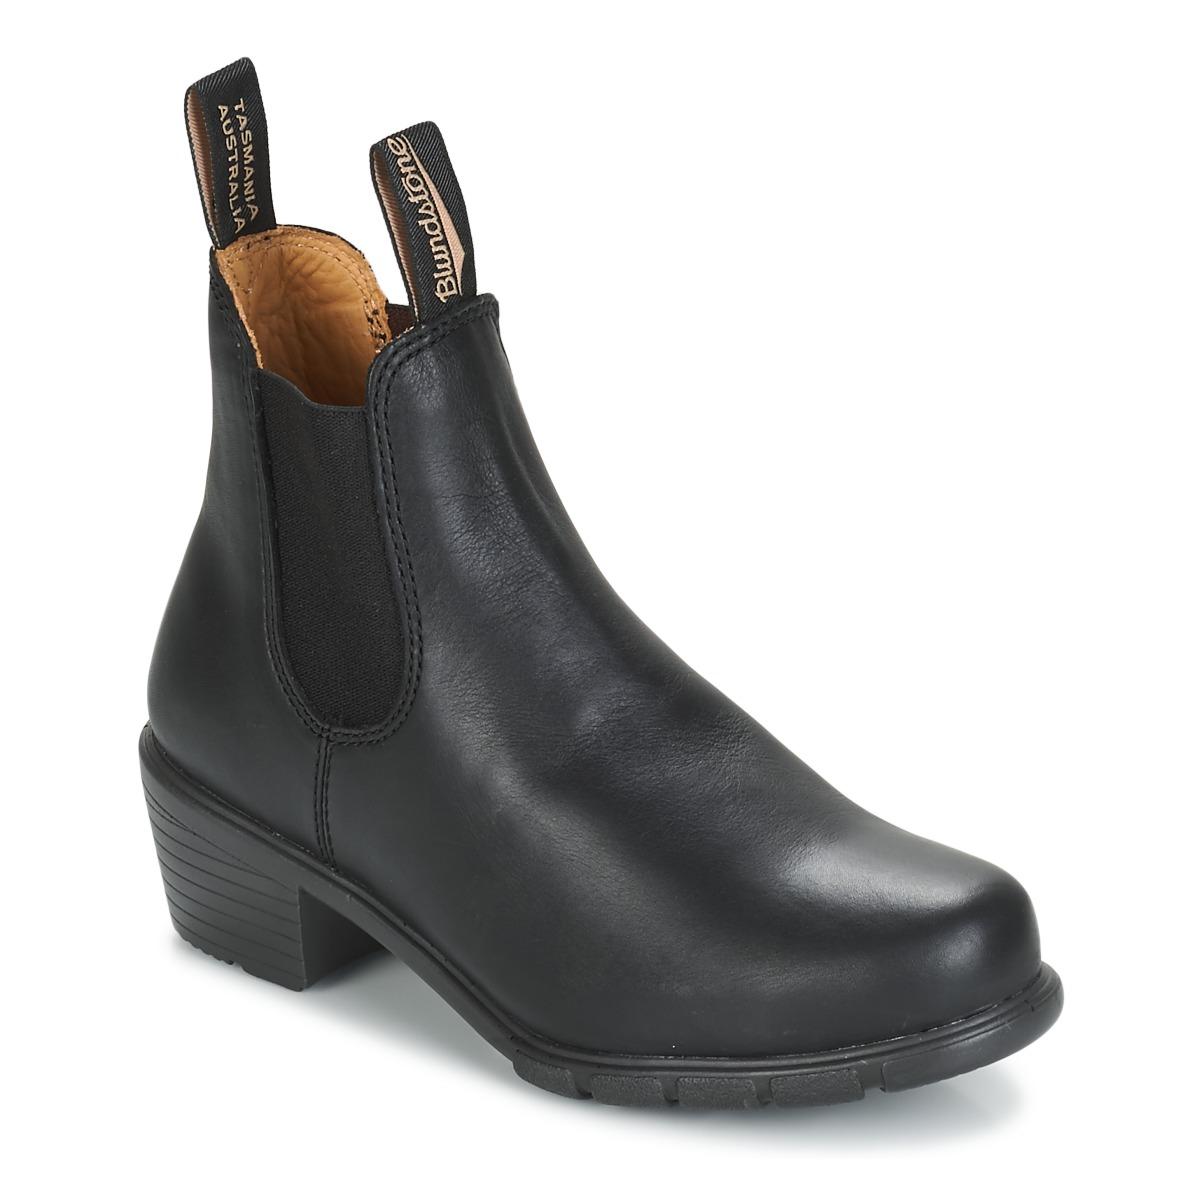 Støvler Blundstone  WOMEN'S HEEL BOOT